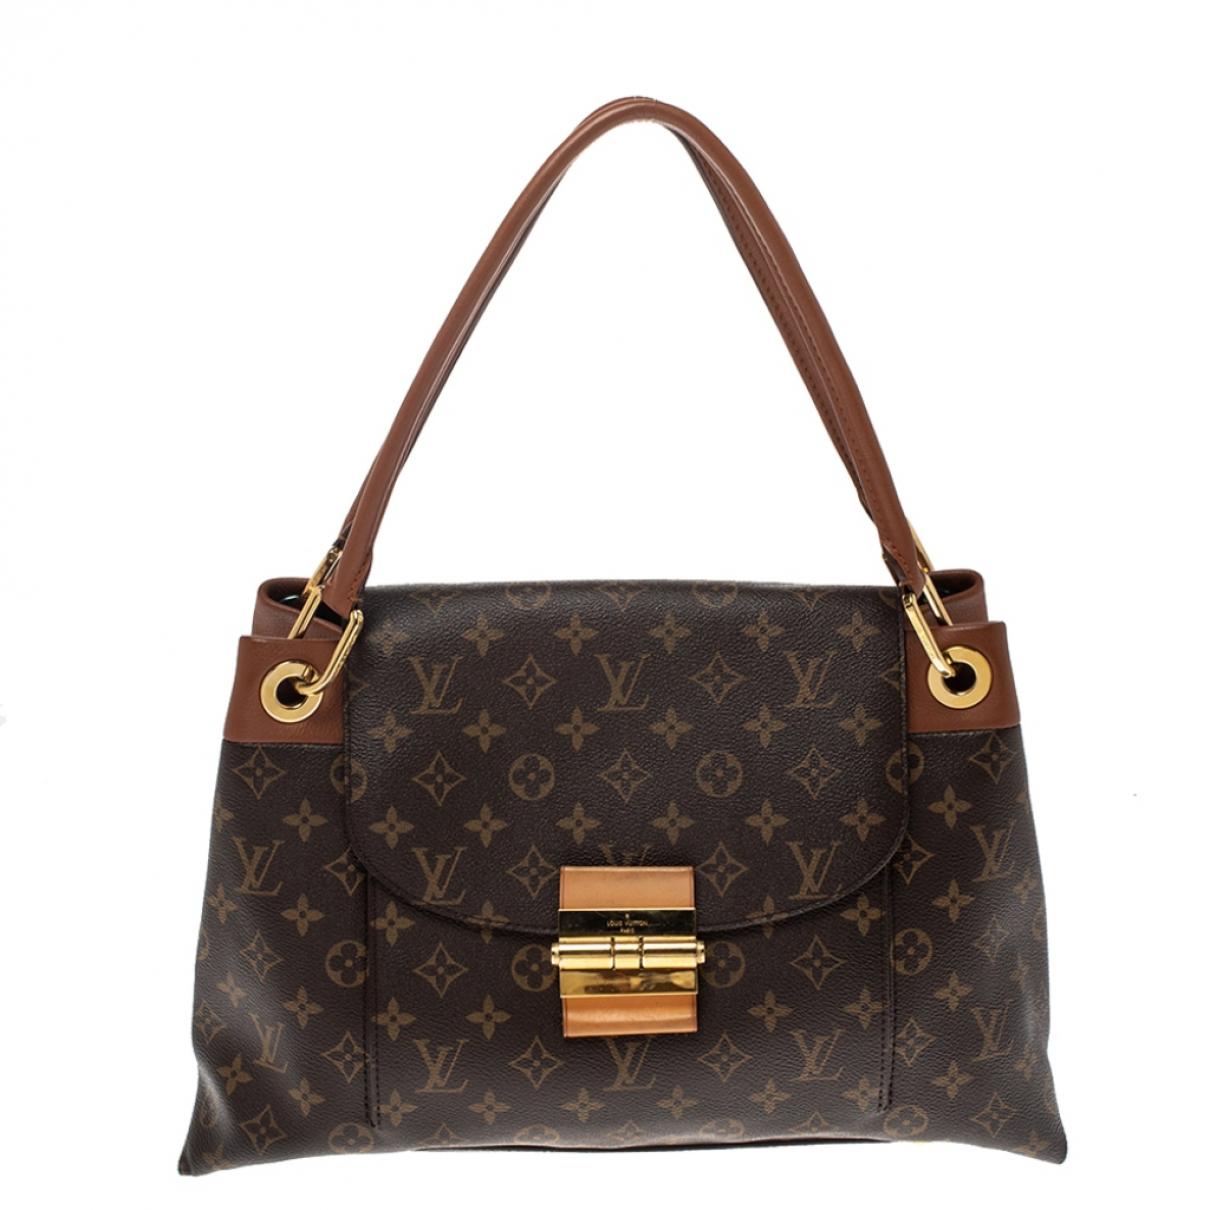 Louis Vuitton - Sac a main Carmel pour femme en toile - marron